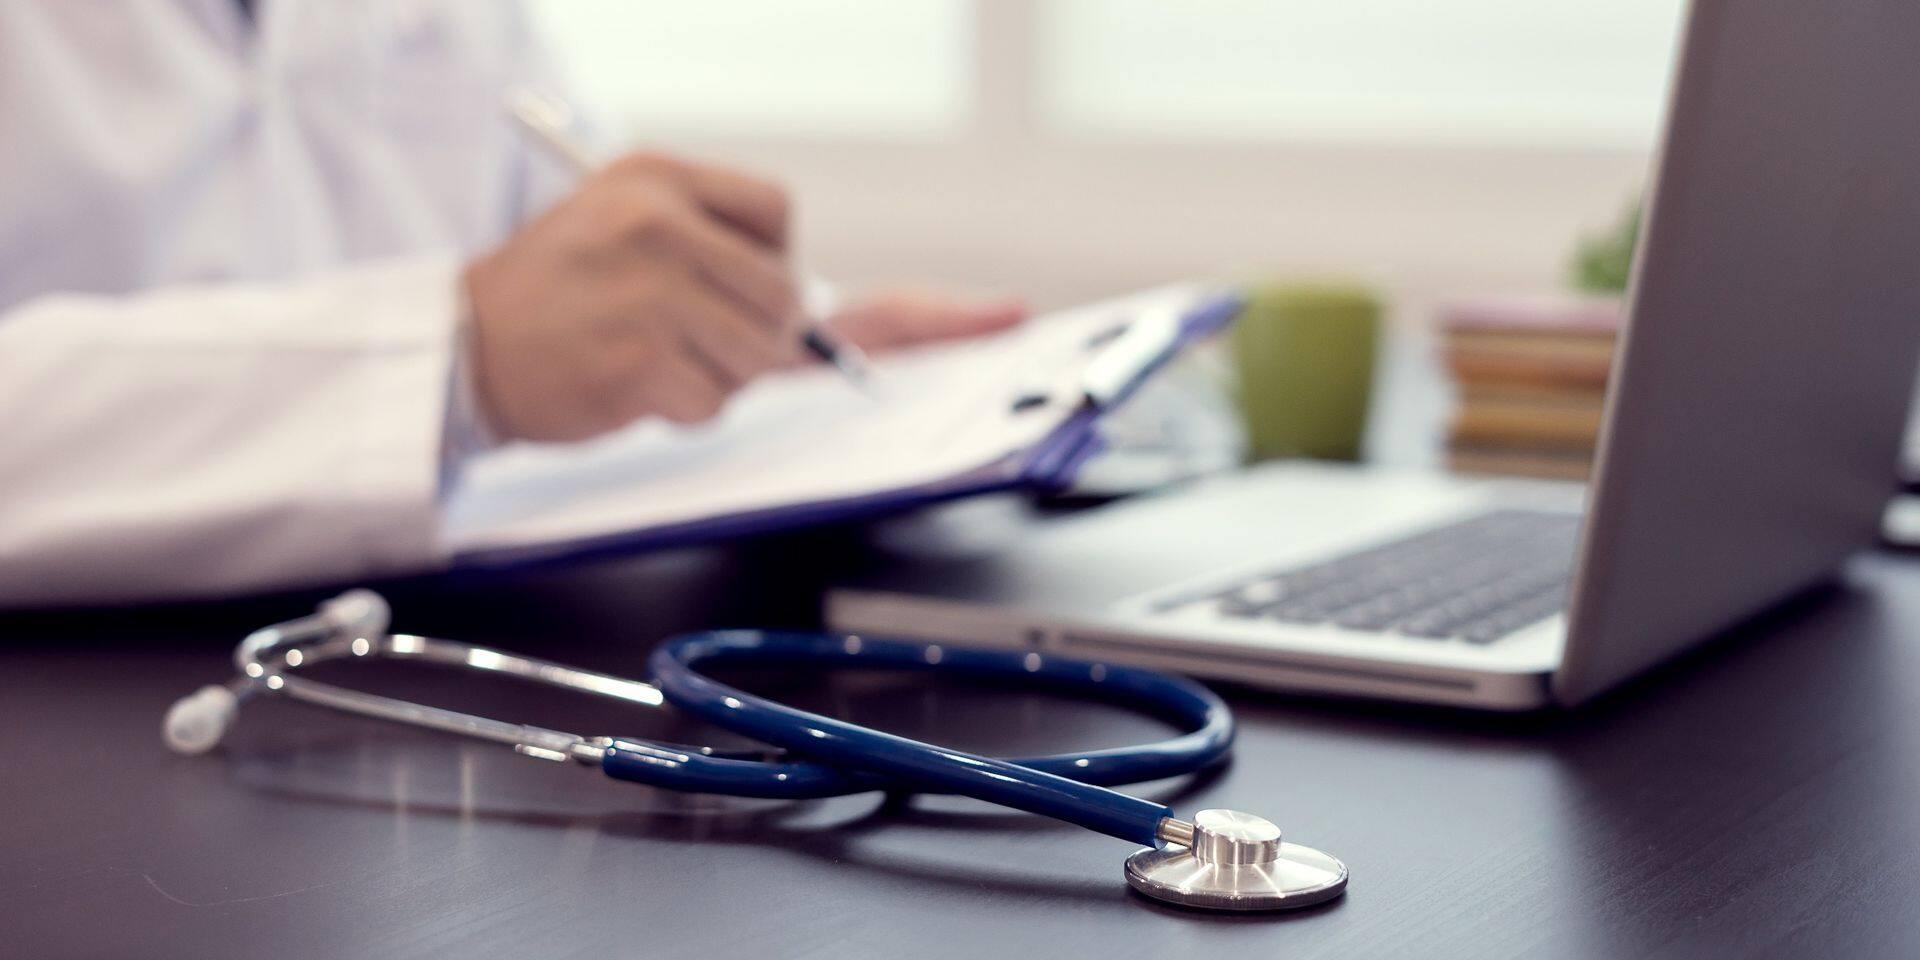 Le coronavirus a freiné la consommation des soins de santé, confirme une enquête